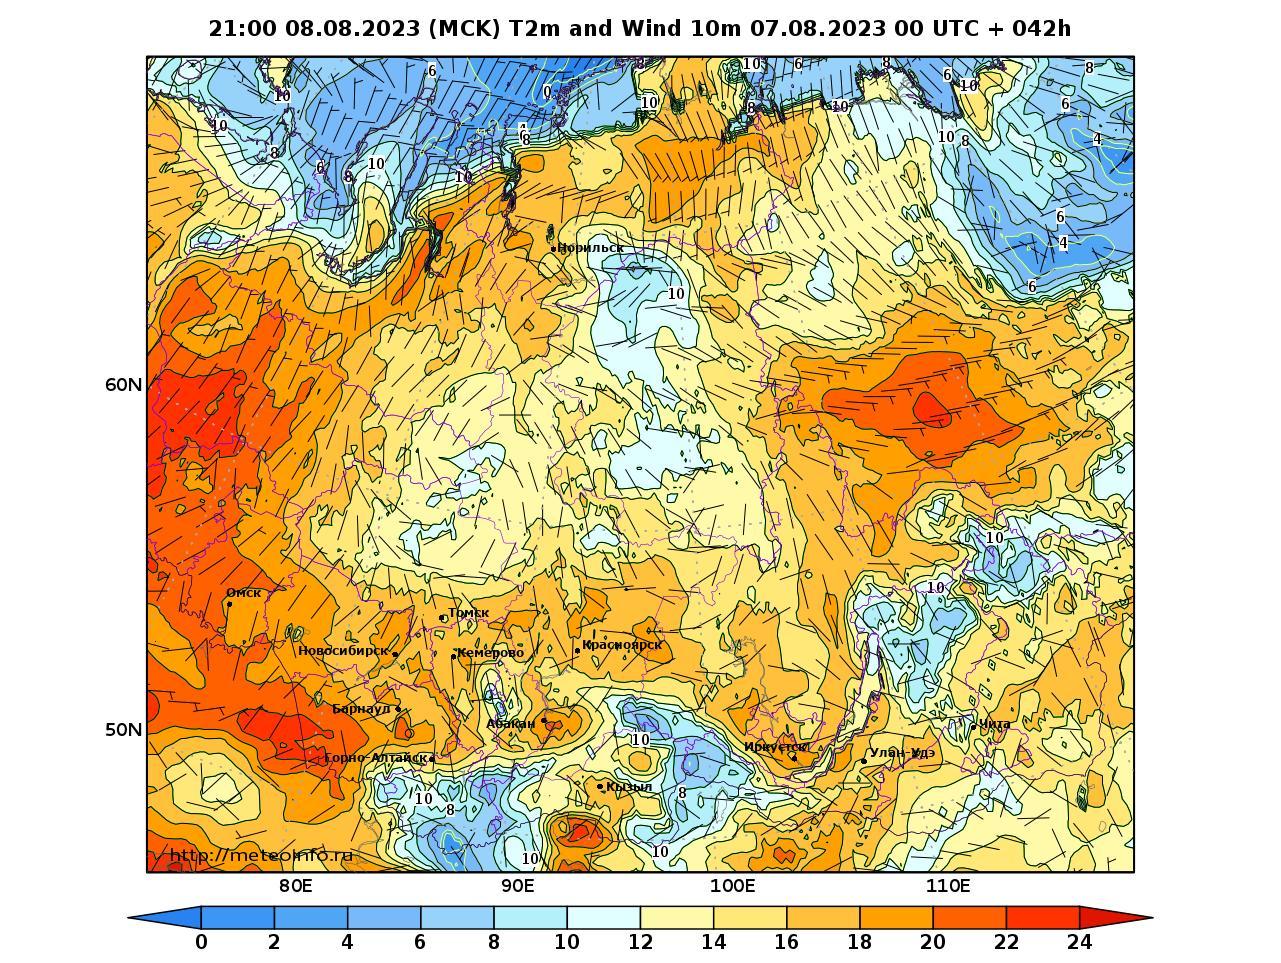 Сибирский Федеральный округ, прогностическая карта приземная температура, заблаговременность прогноза 42 часа